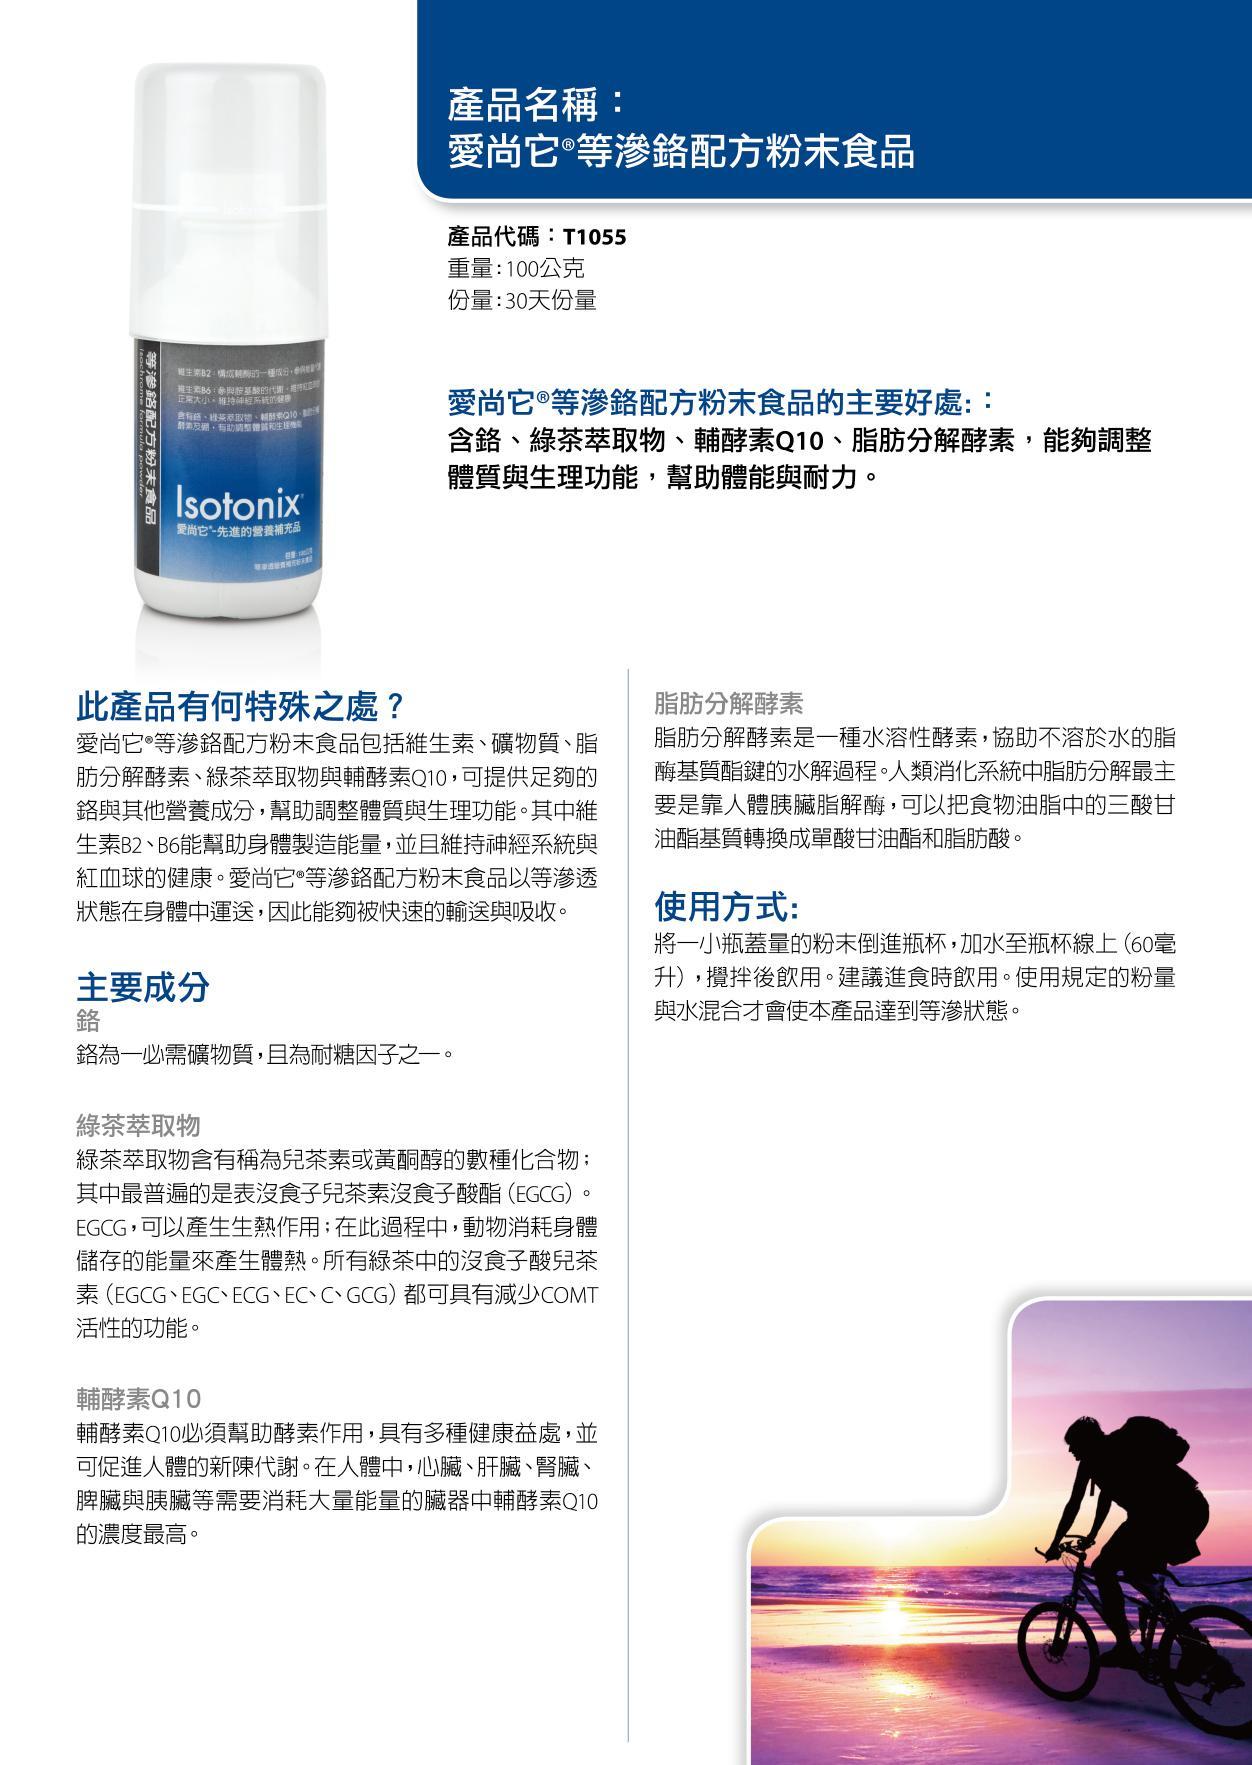 美安DM027-愛尚它®等滲鉻配方粉末食品_產品資訊- 100張